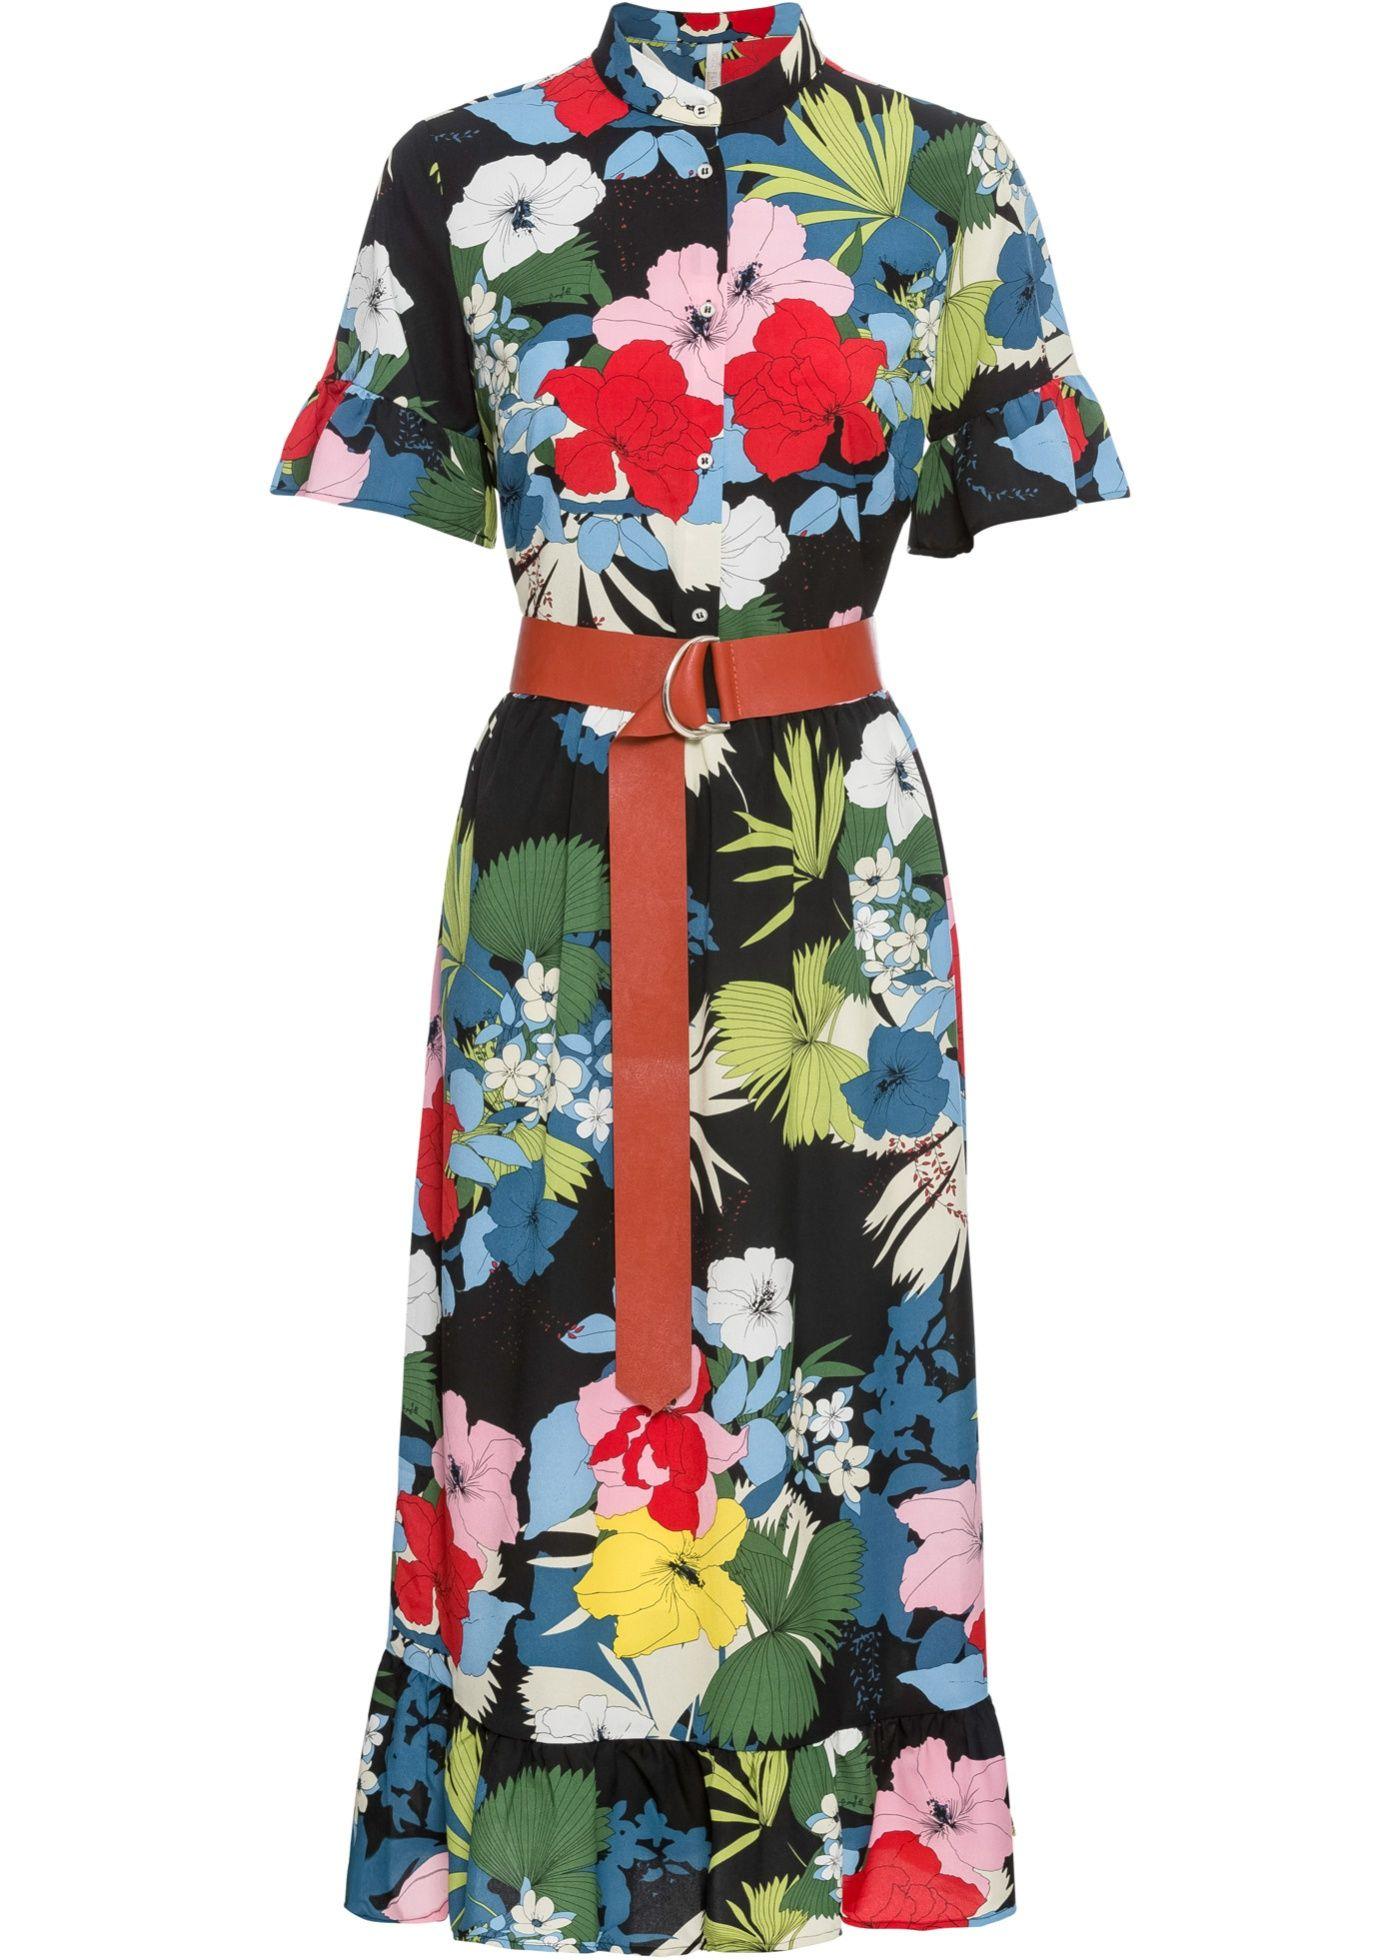 Kurzarmliges Midi Kleid Mit Gurtel Und Kragen Schwarz Bunt Geblumt In 2020 Kleid Mit Gurtel Kleider Modestil